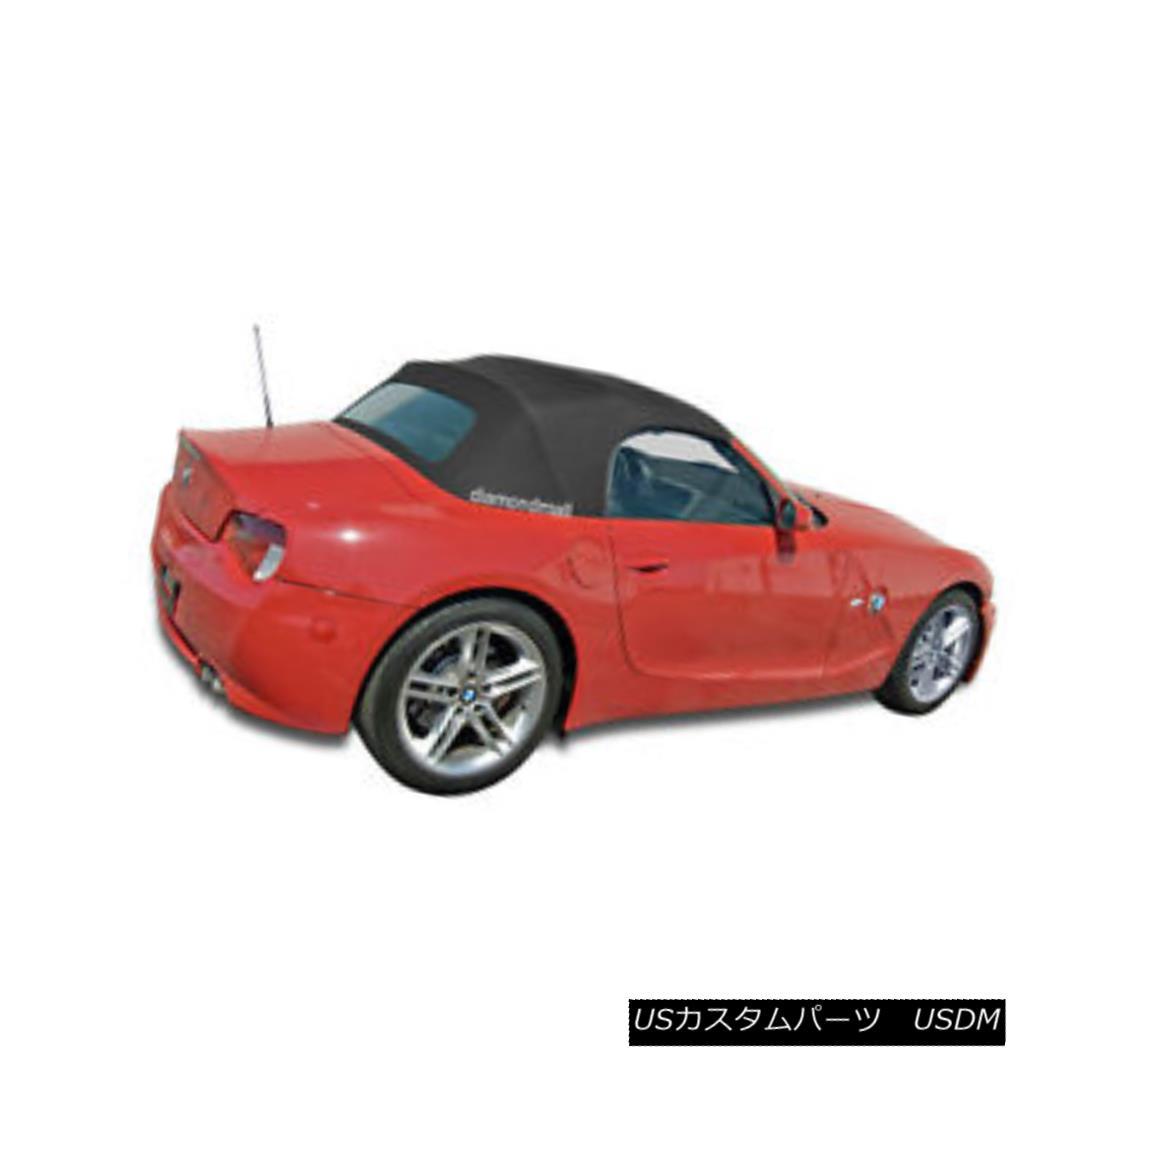 幌・ソフトトップ BMW Z4 2003-2008 Convertible Soft Top Replacement & Glass Window Black Twill BMW Z4 2003-2008コンバーチブルソフトトップ交換& ガラス窓ブラックツイル